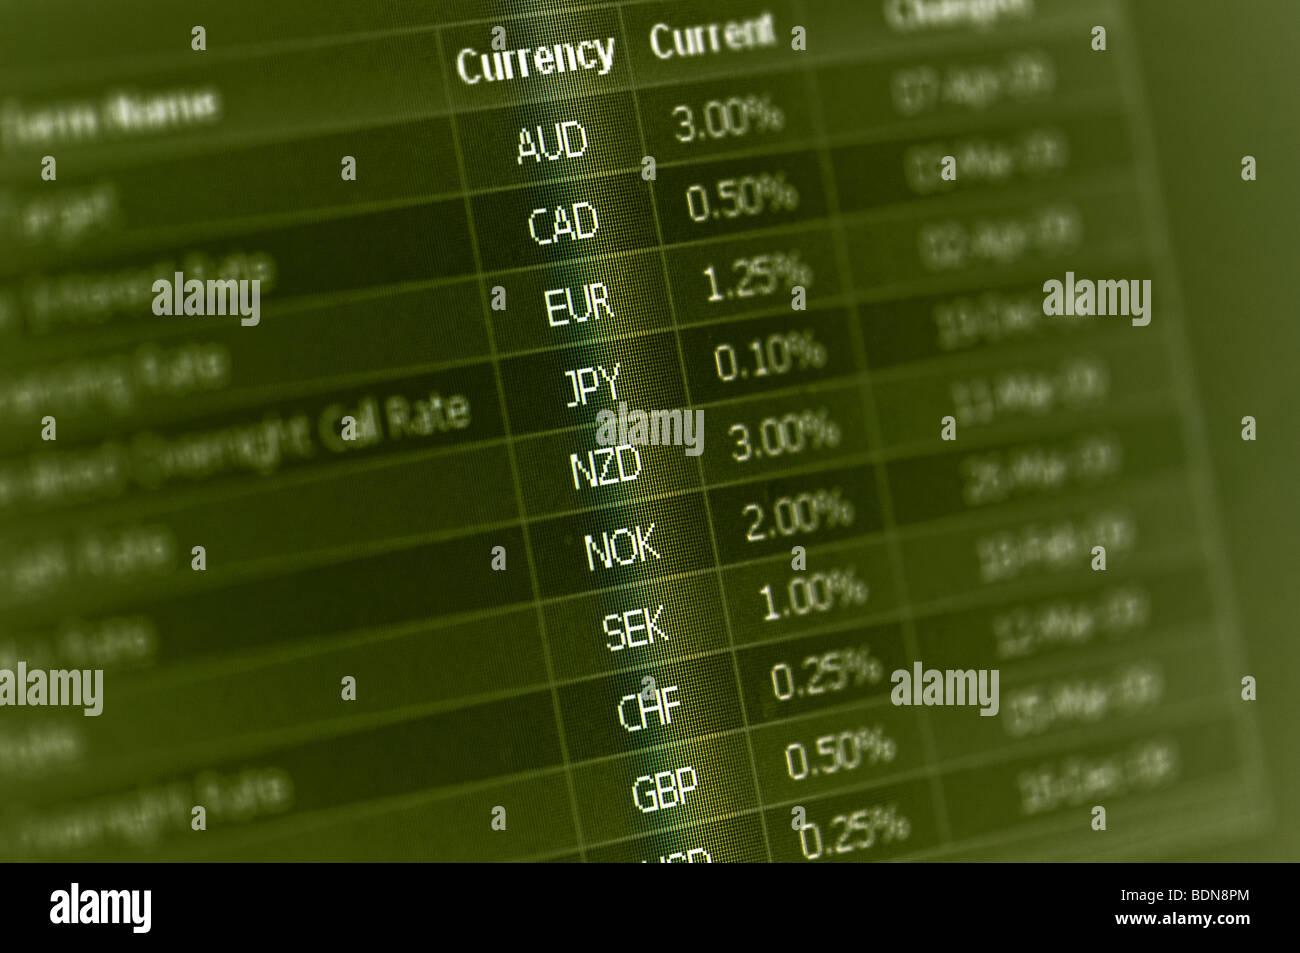 Finanzmarkt Währung Zinsen auf monitor Stockbild